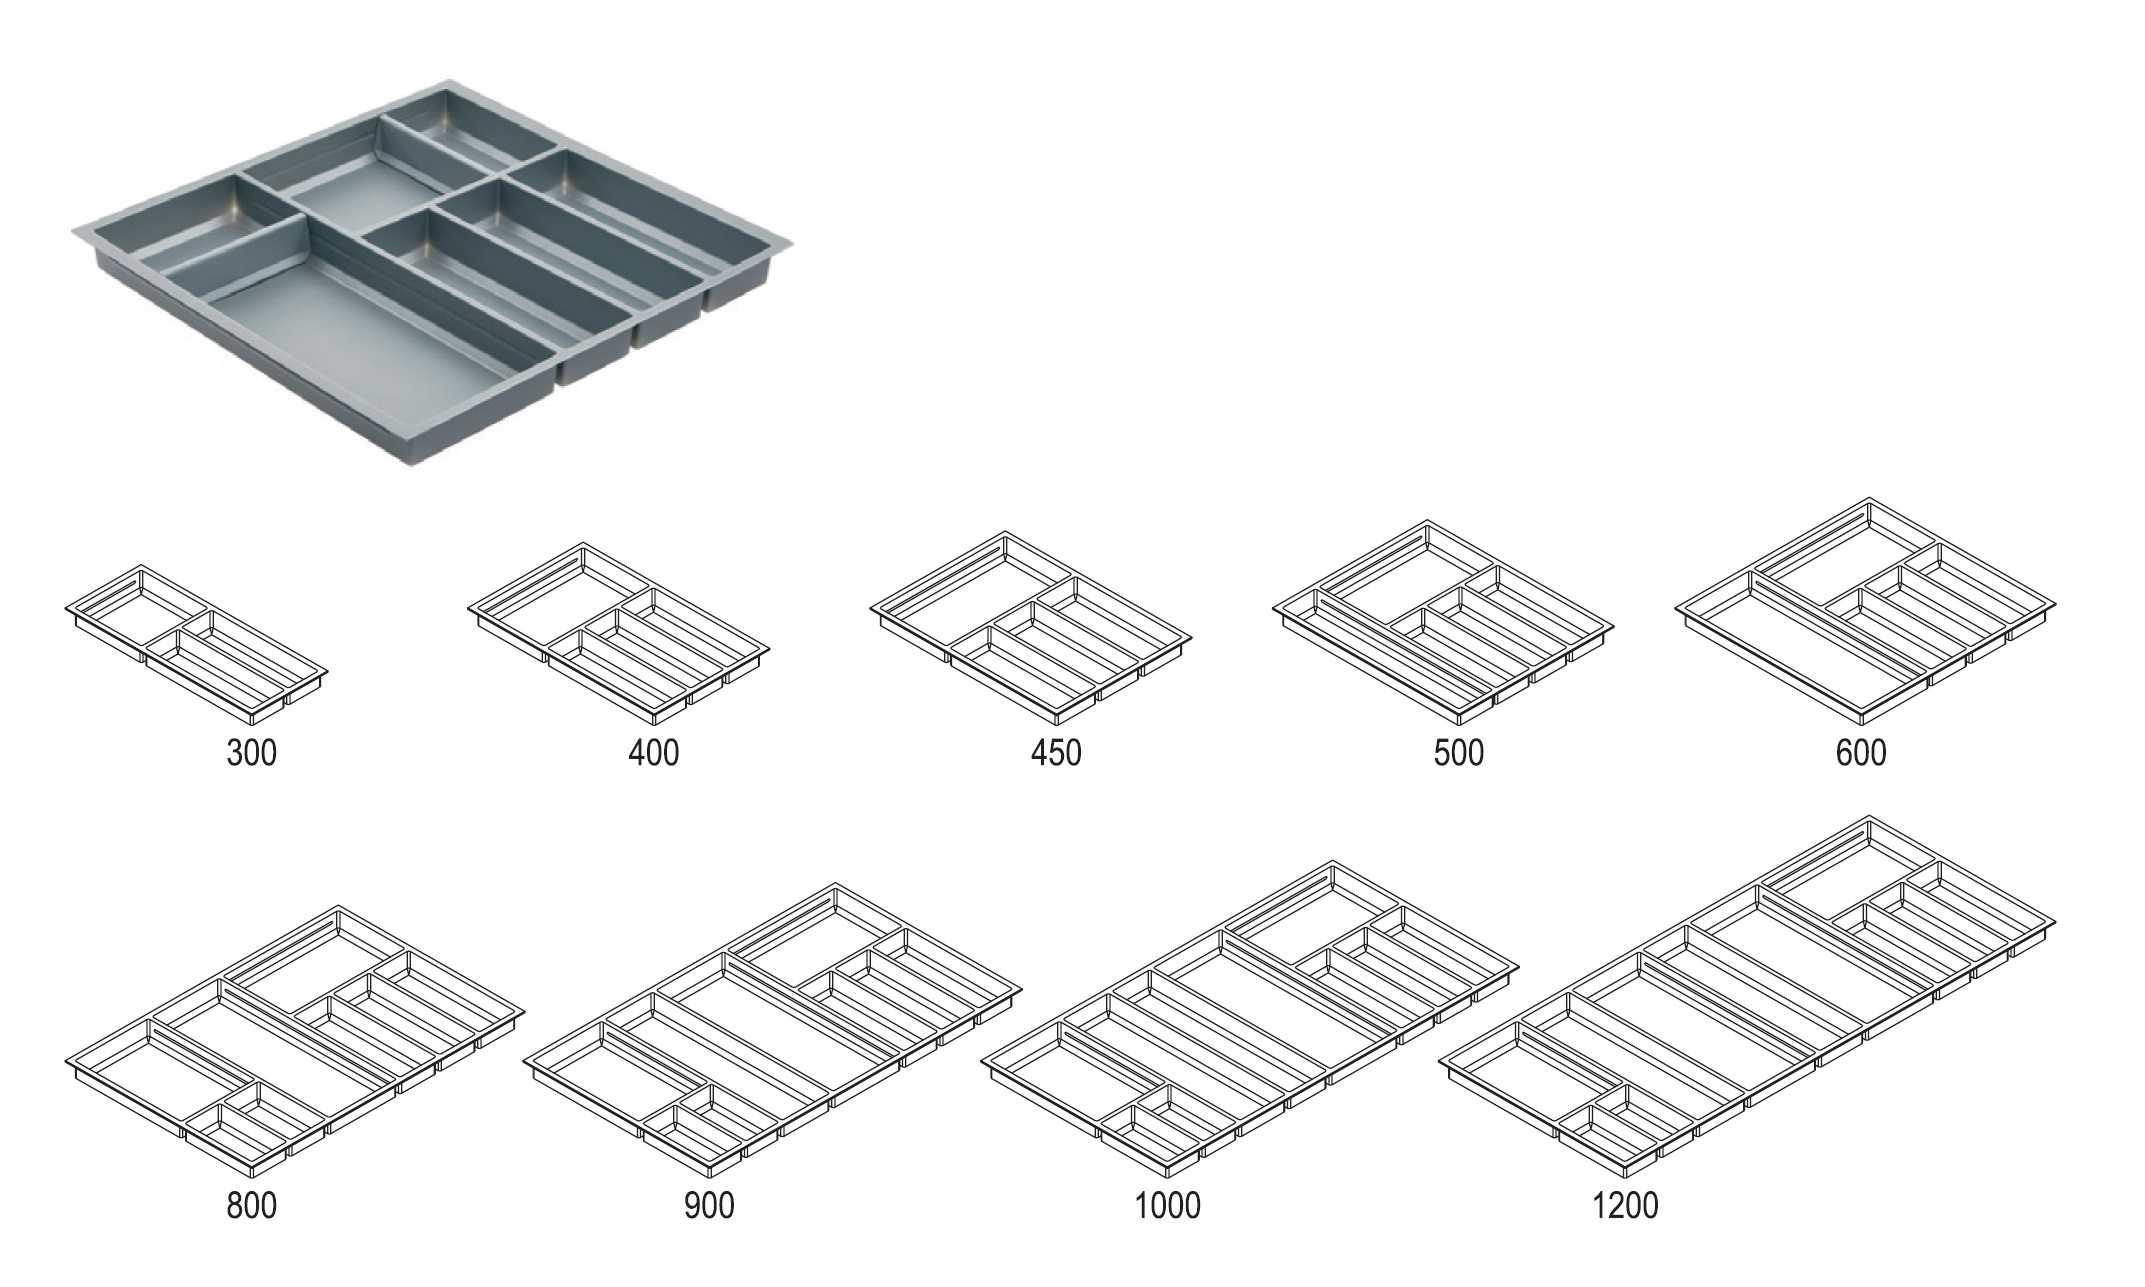 Full Size of Nobilia Besteckeinsatz 90 80 Move Mit Messerblock Trend Cm 90er Holz 100 Variable Einteilung Original Einbauküche Küche Wohnzimmer Nobilia Besteckeinsatz